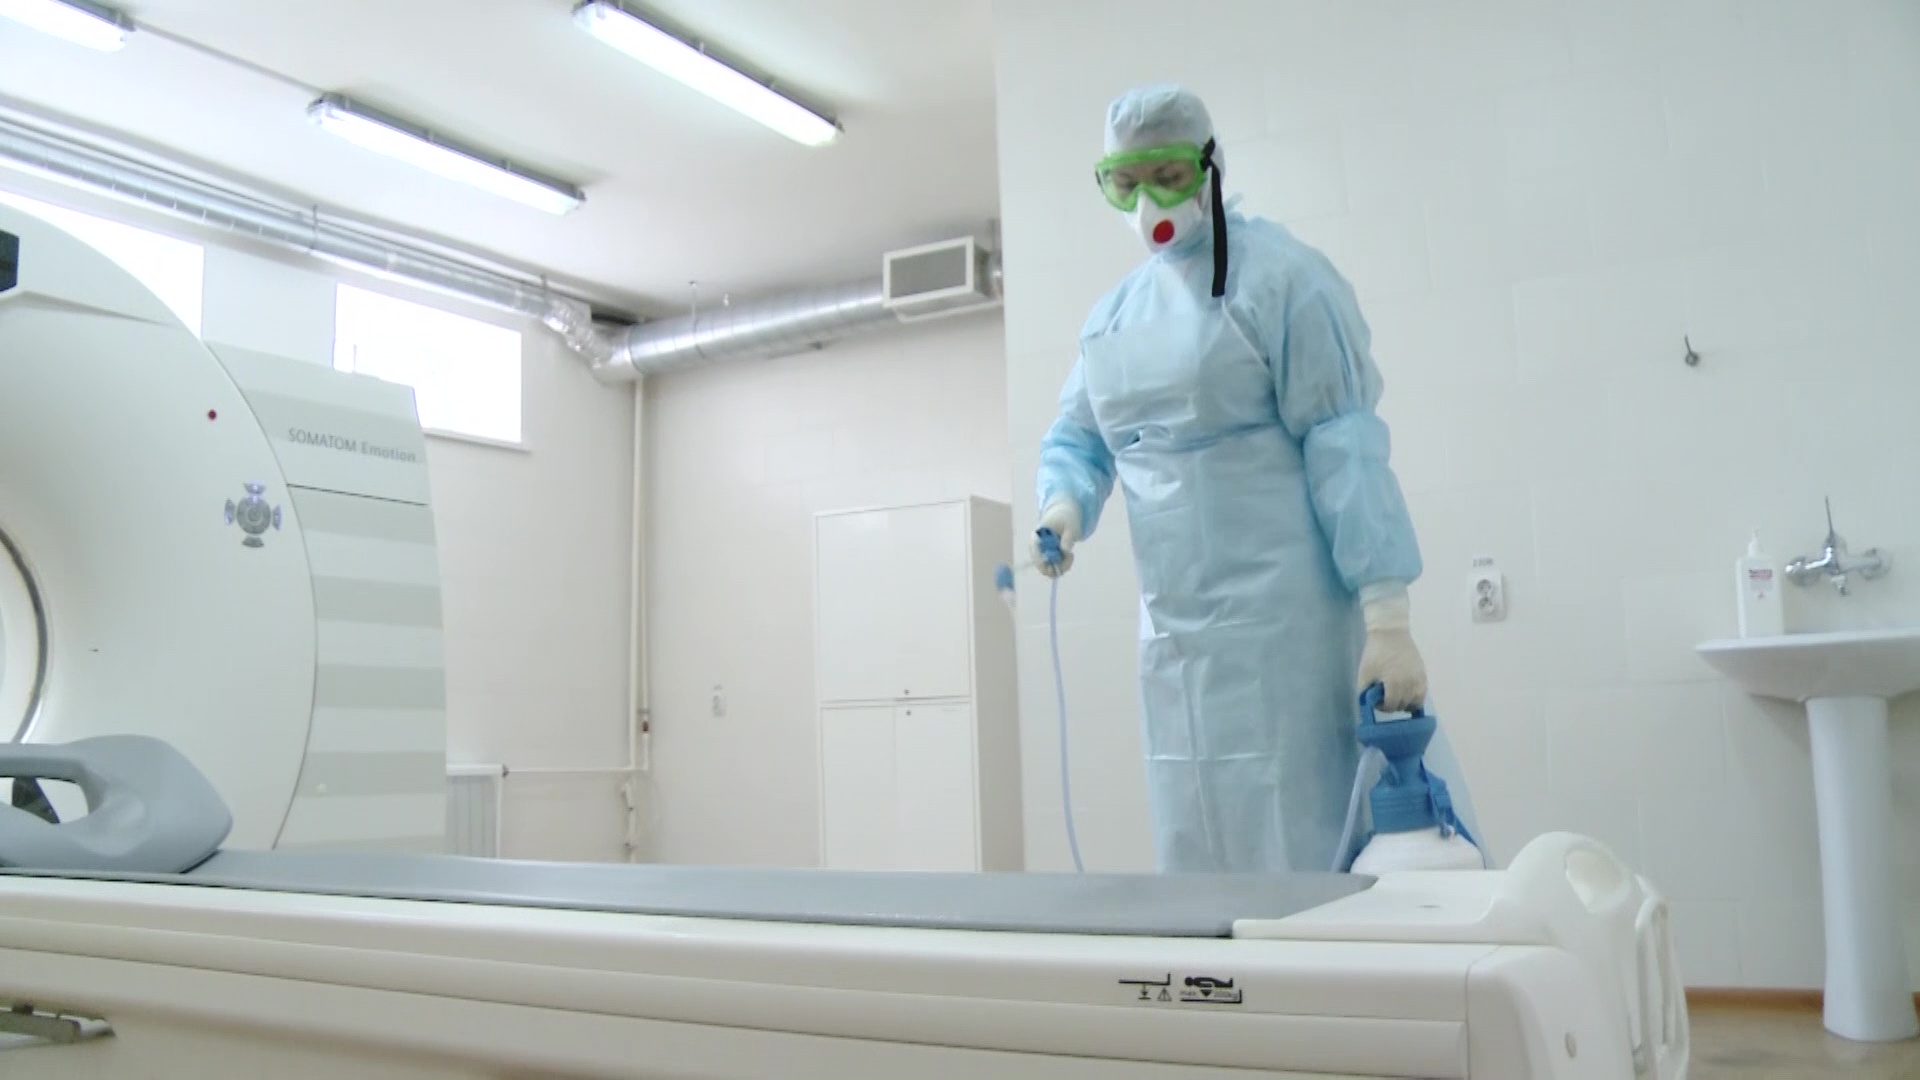 Ординатор первого года обучения рассказала, как работает в пандемию коронавируса